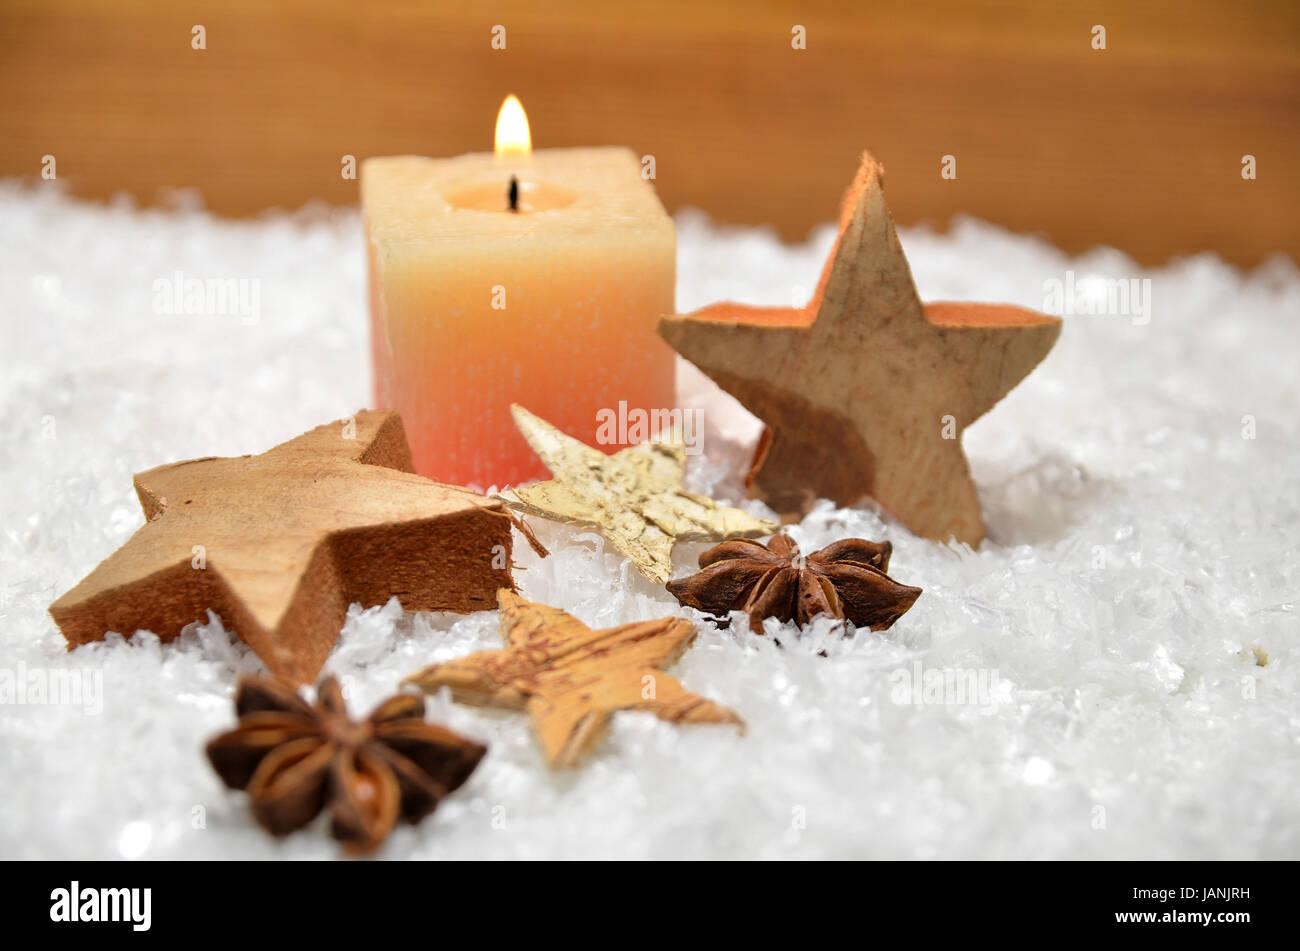 weihnachten kerze schnee holzstern dekoration advent stock photo royalty free image 144305269. Black Bedroom Furniture Sets. Home Design Ideas